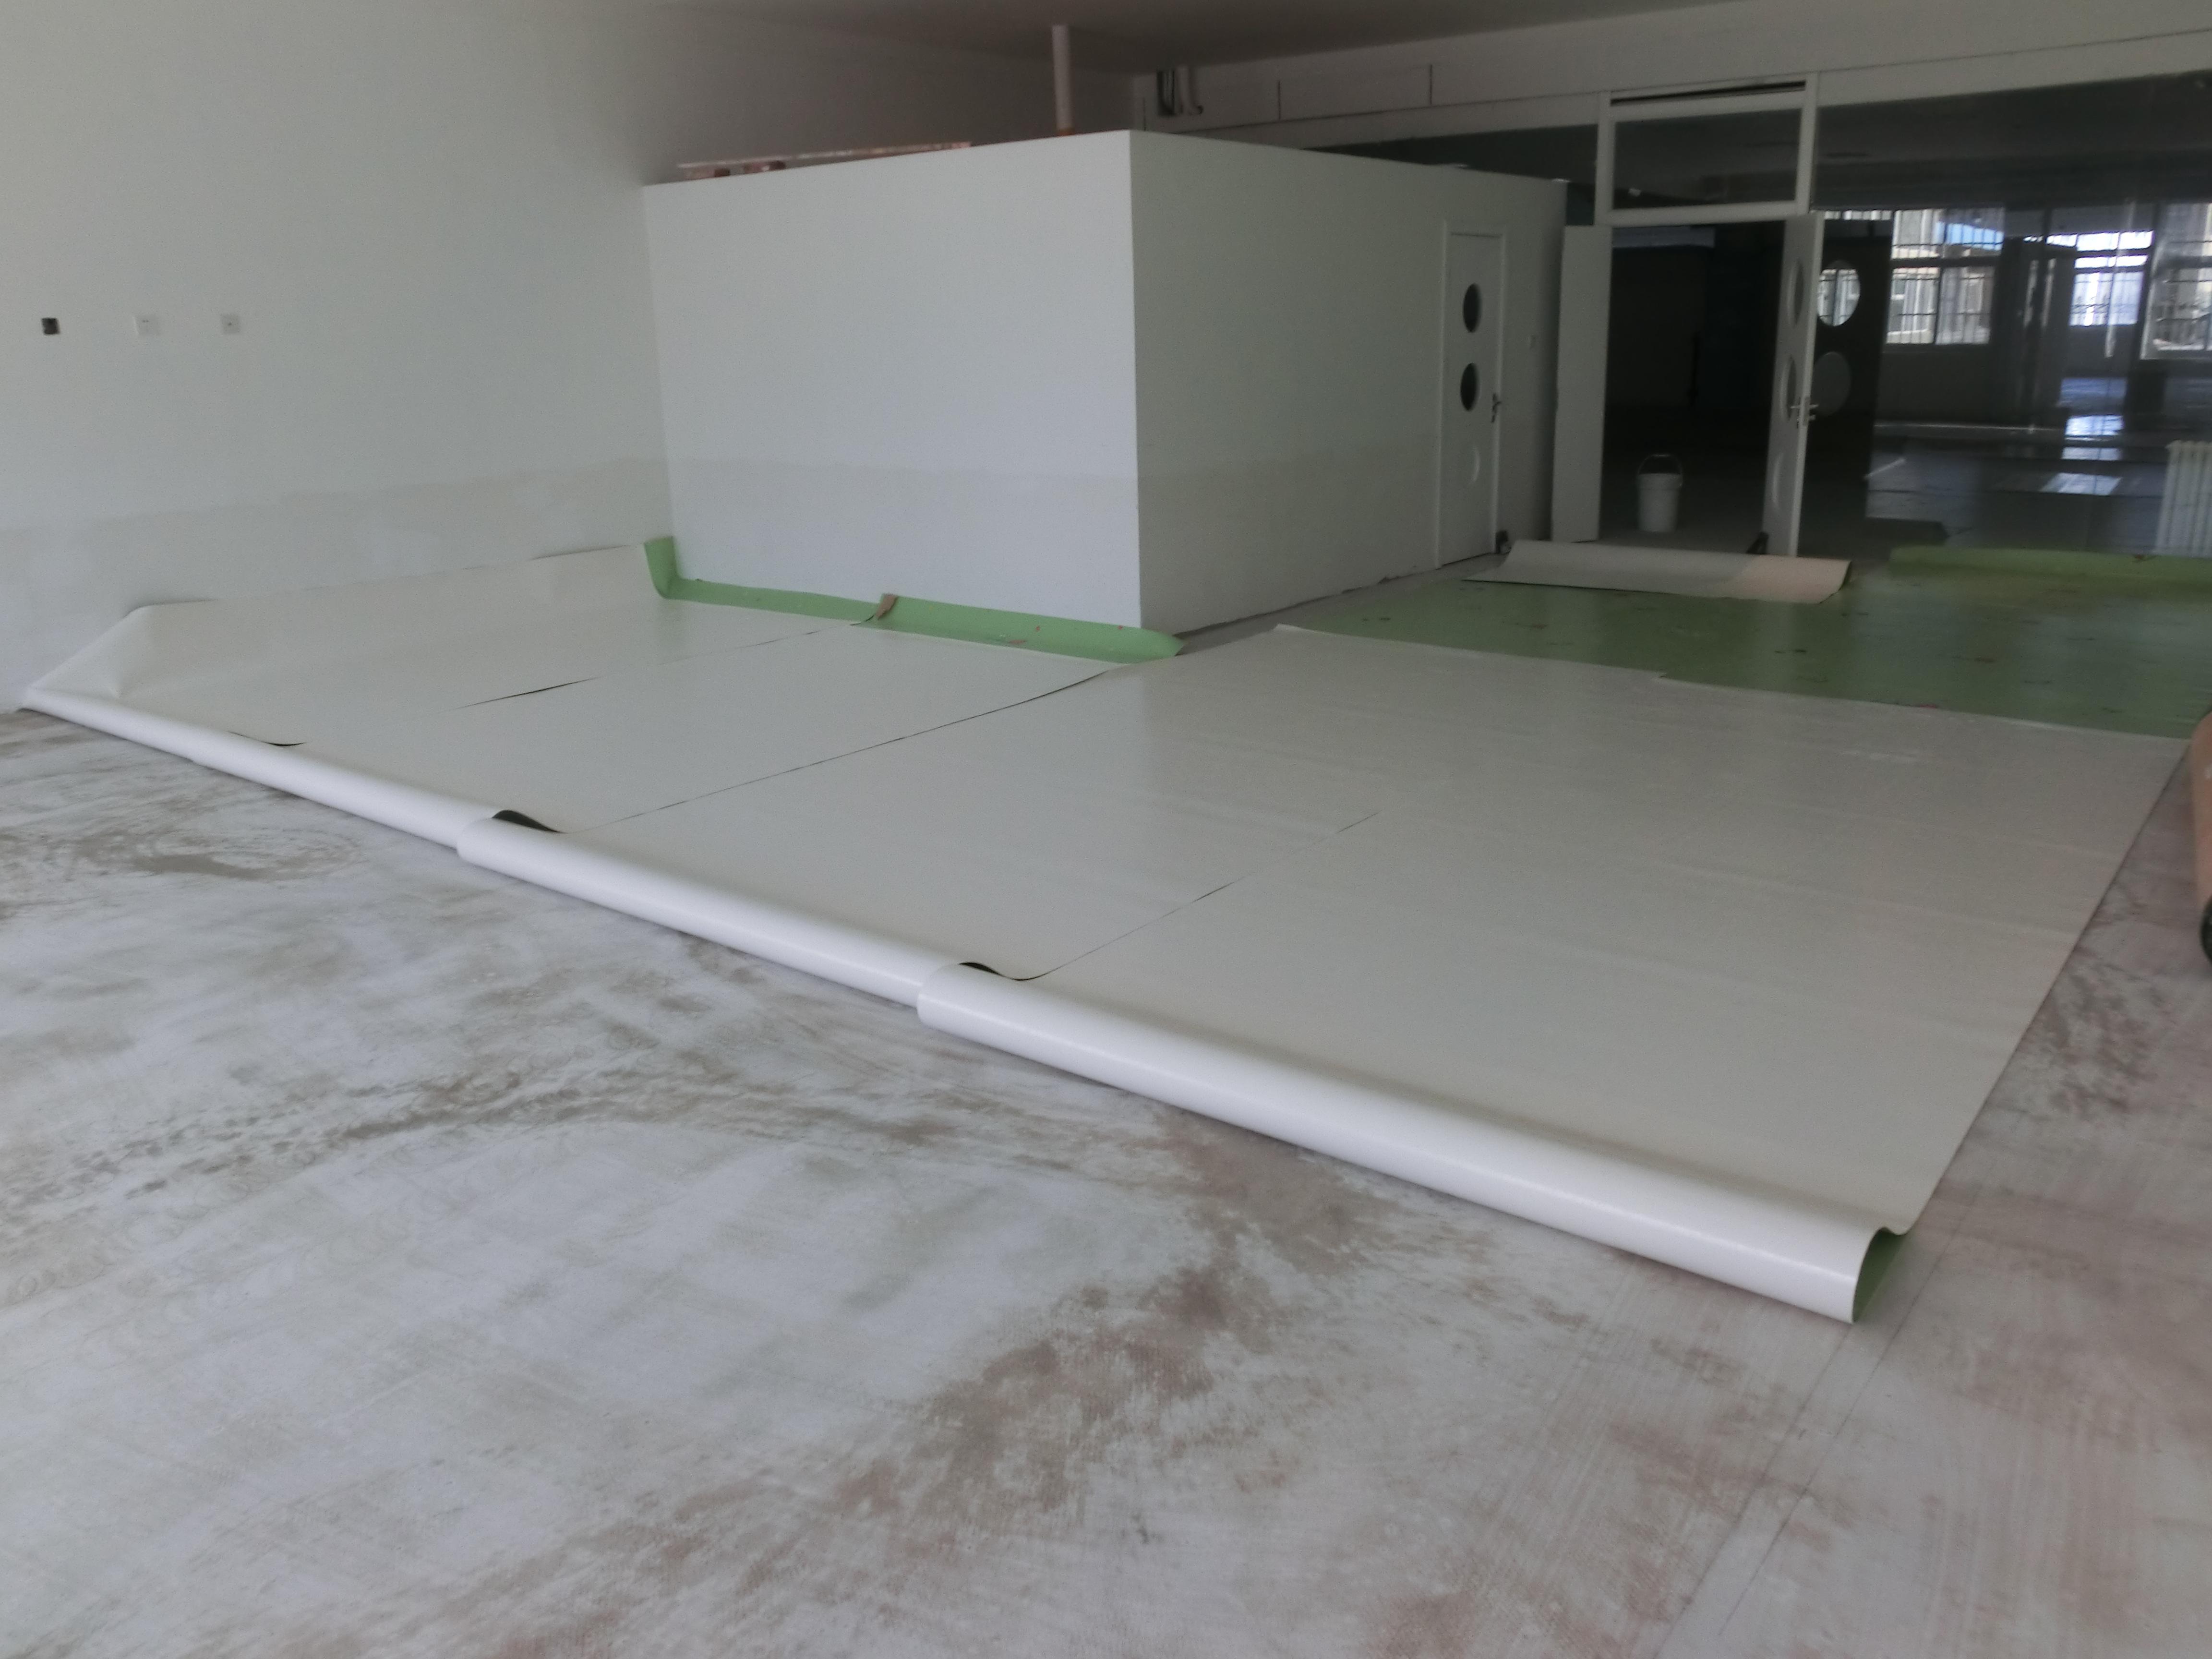 无缝切割属于pvc塑胶卷材地板施工方法之一